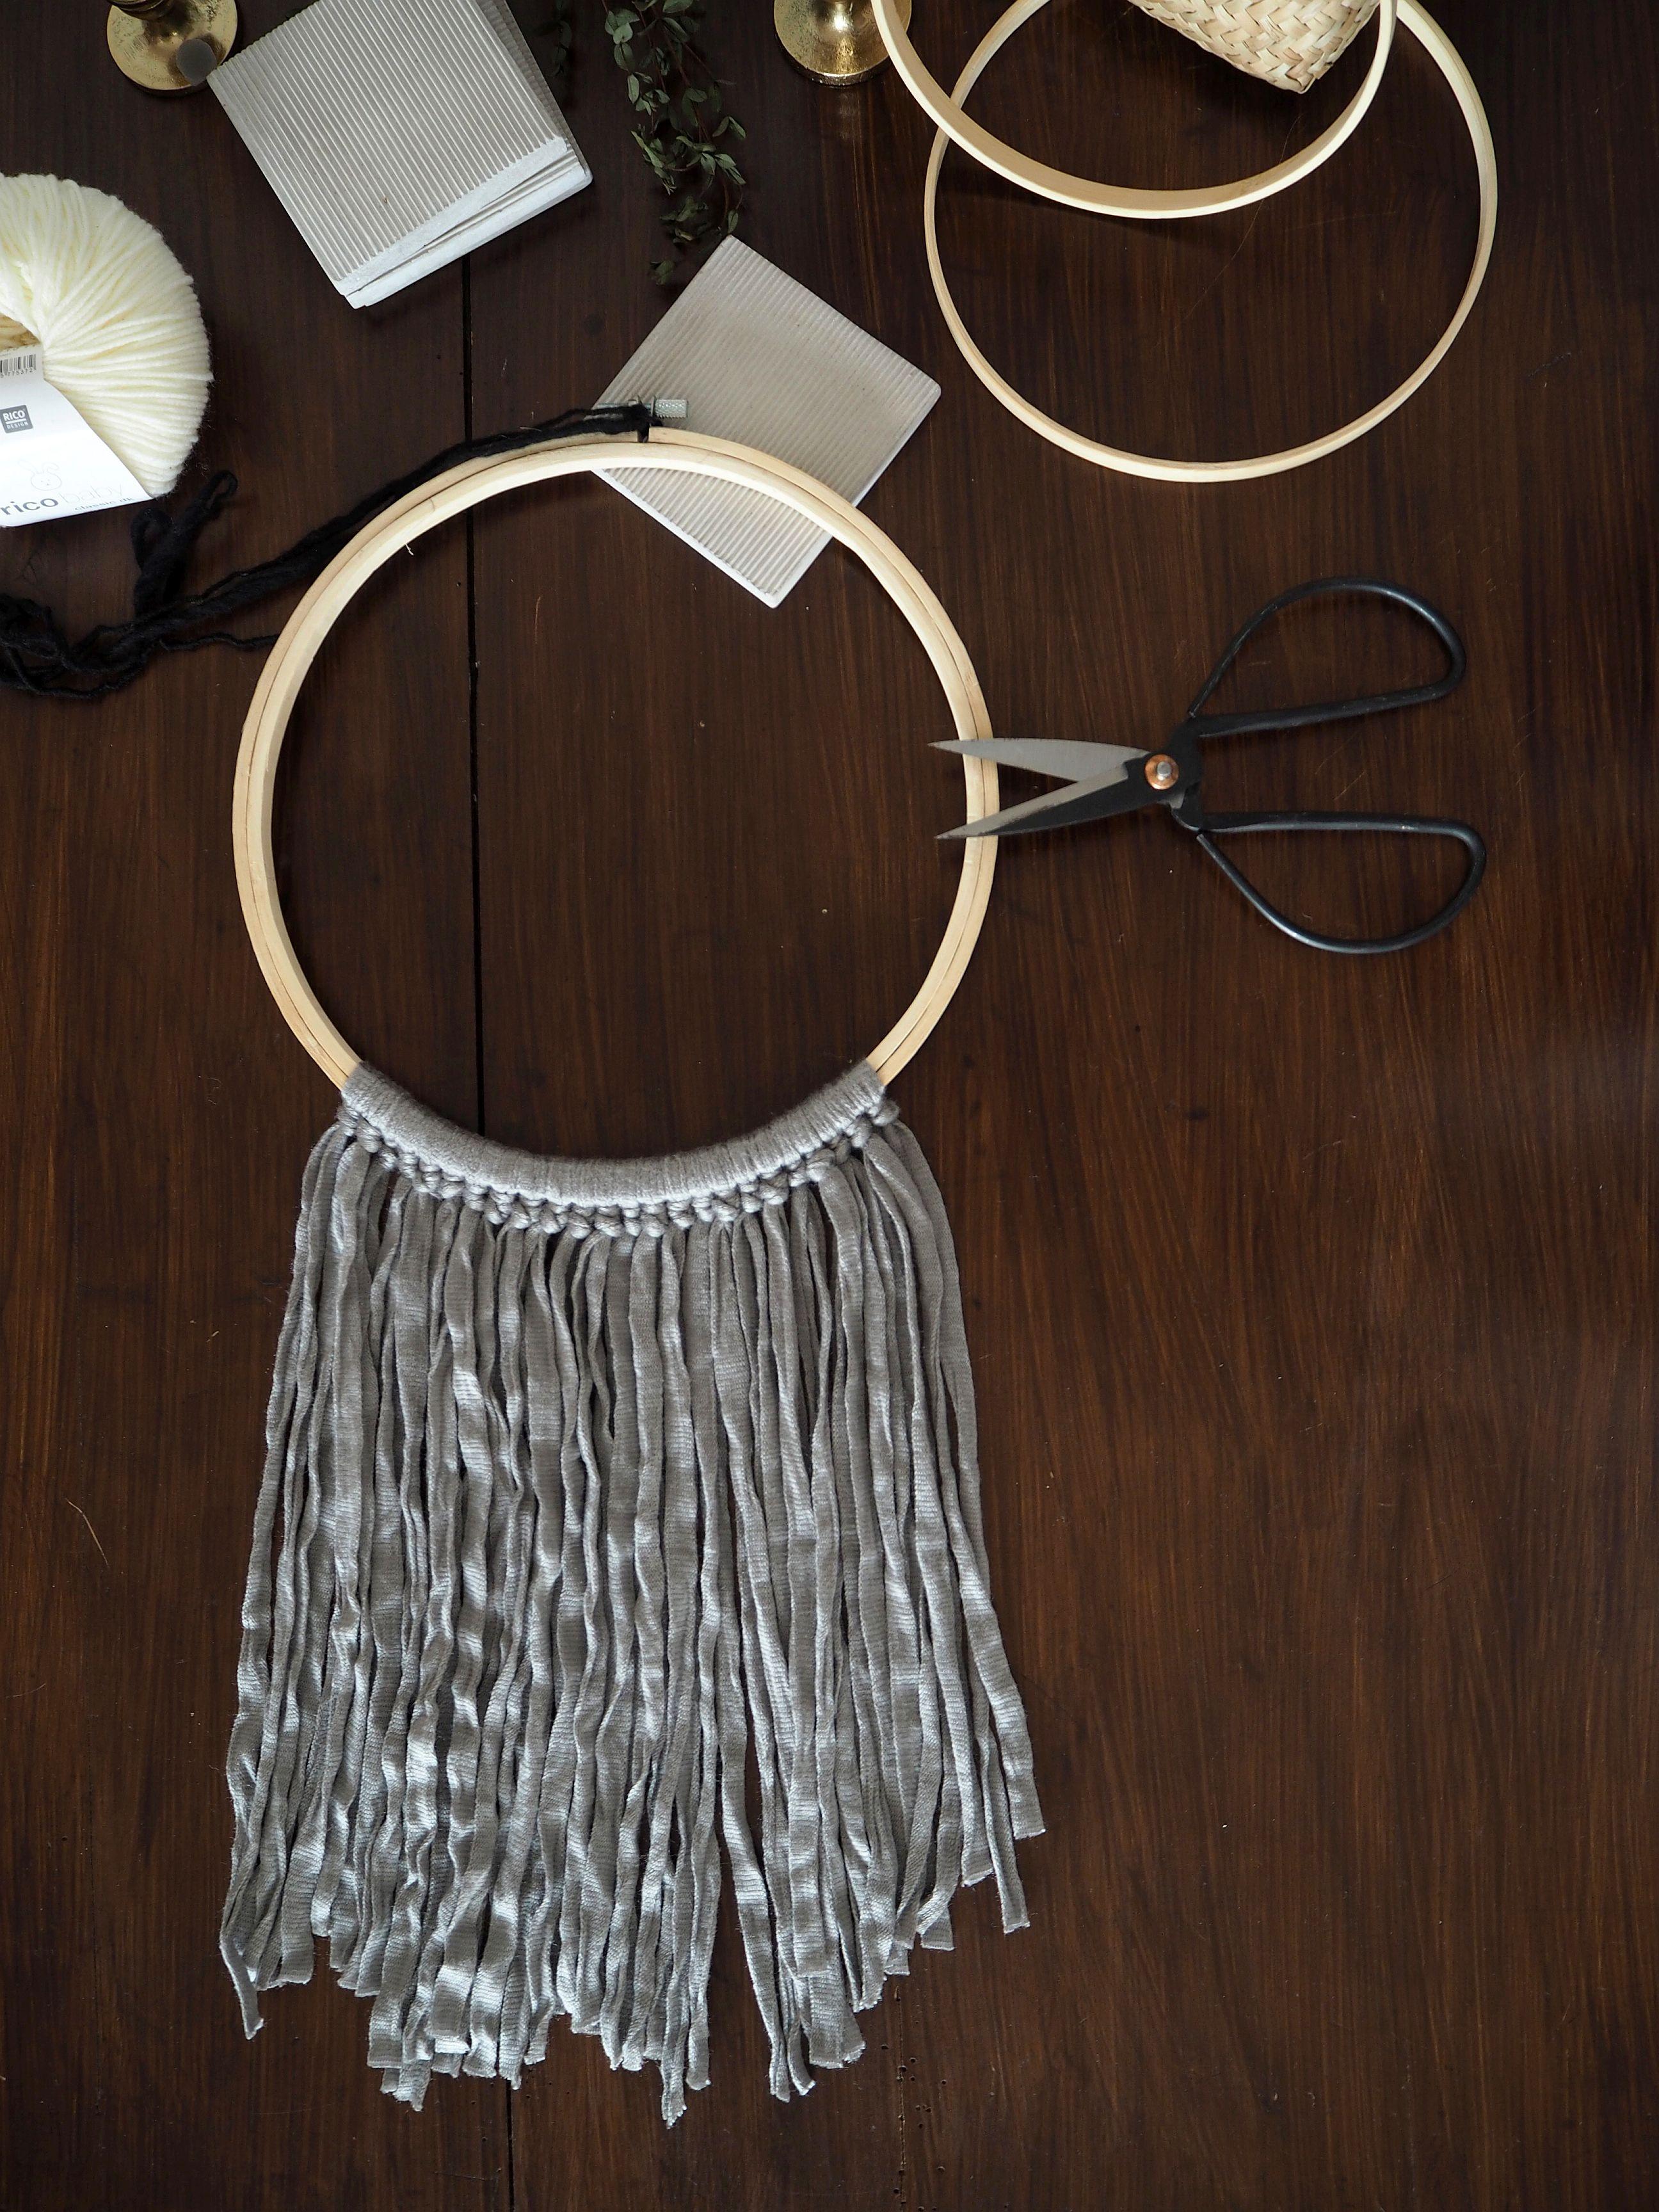 2018-01-skoen-och-kreativ-diy-interior-deko-wand-objekt-wall-hanging-skandi-stil (15)